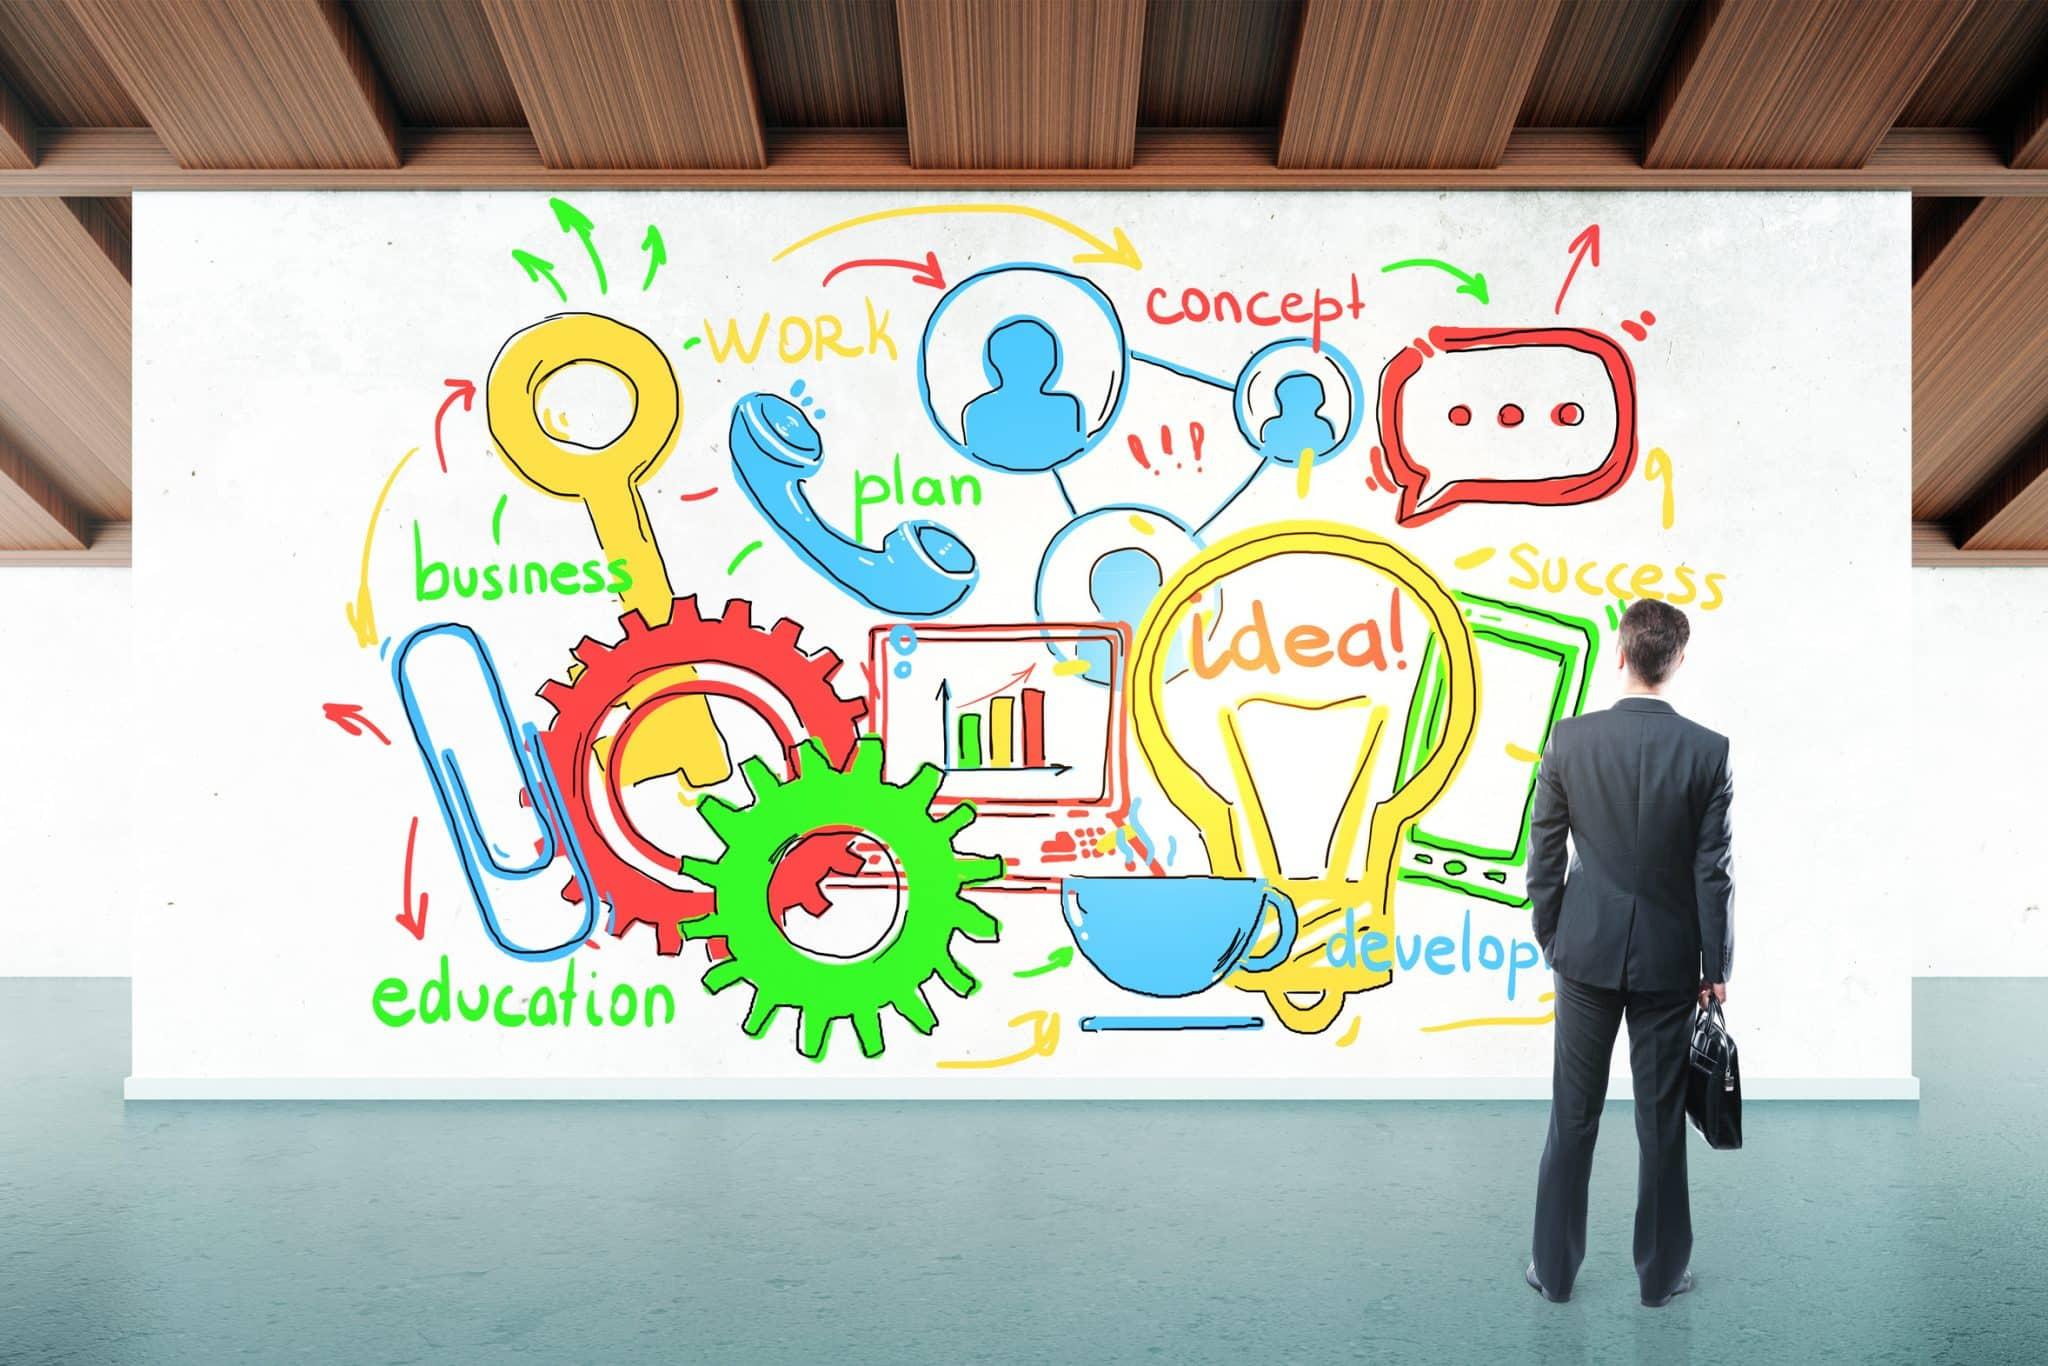 Referenzen – Warum Referenzen wirklich sinnvoll sind! - S&P Unternehmerforum